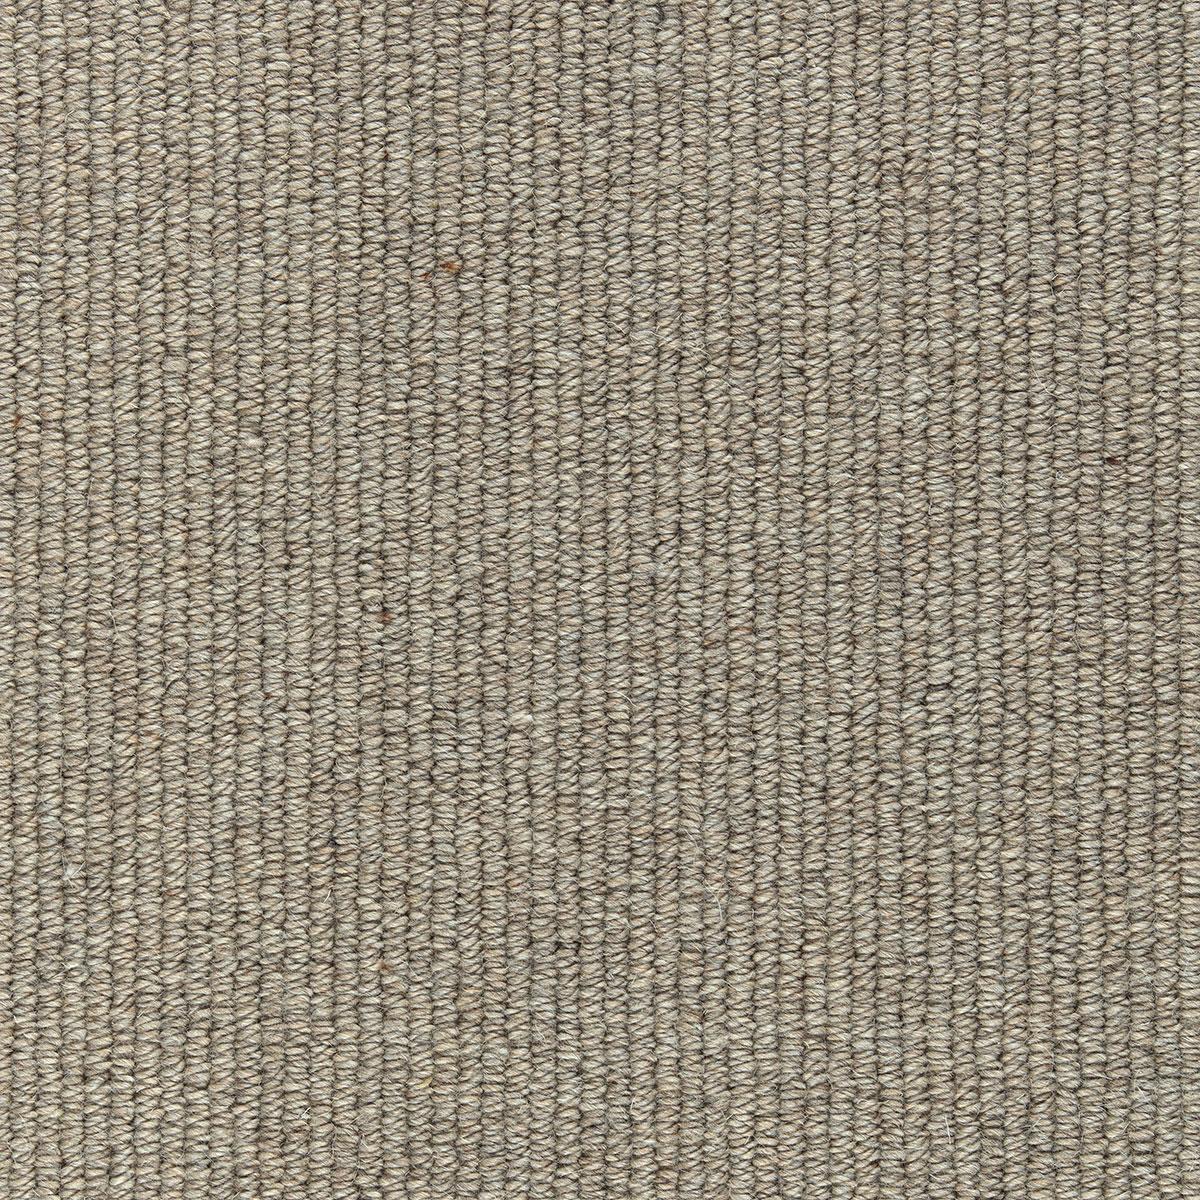 Mushroom J Mish Mills Wool Carpet Rugs